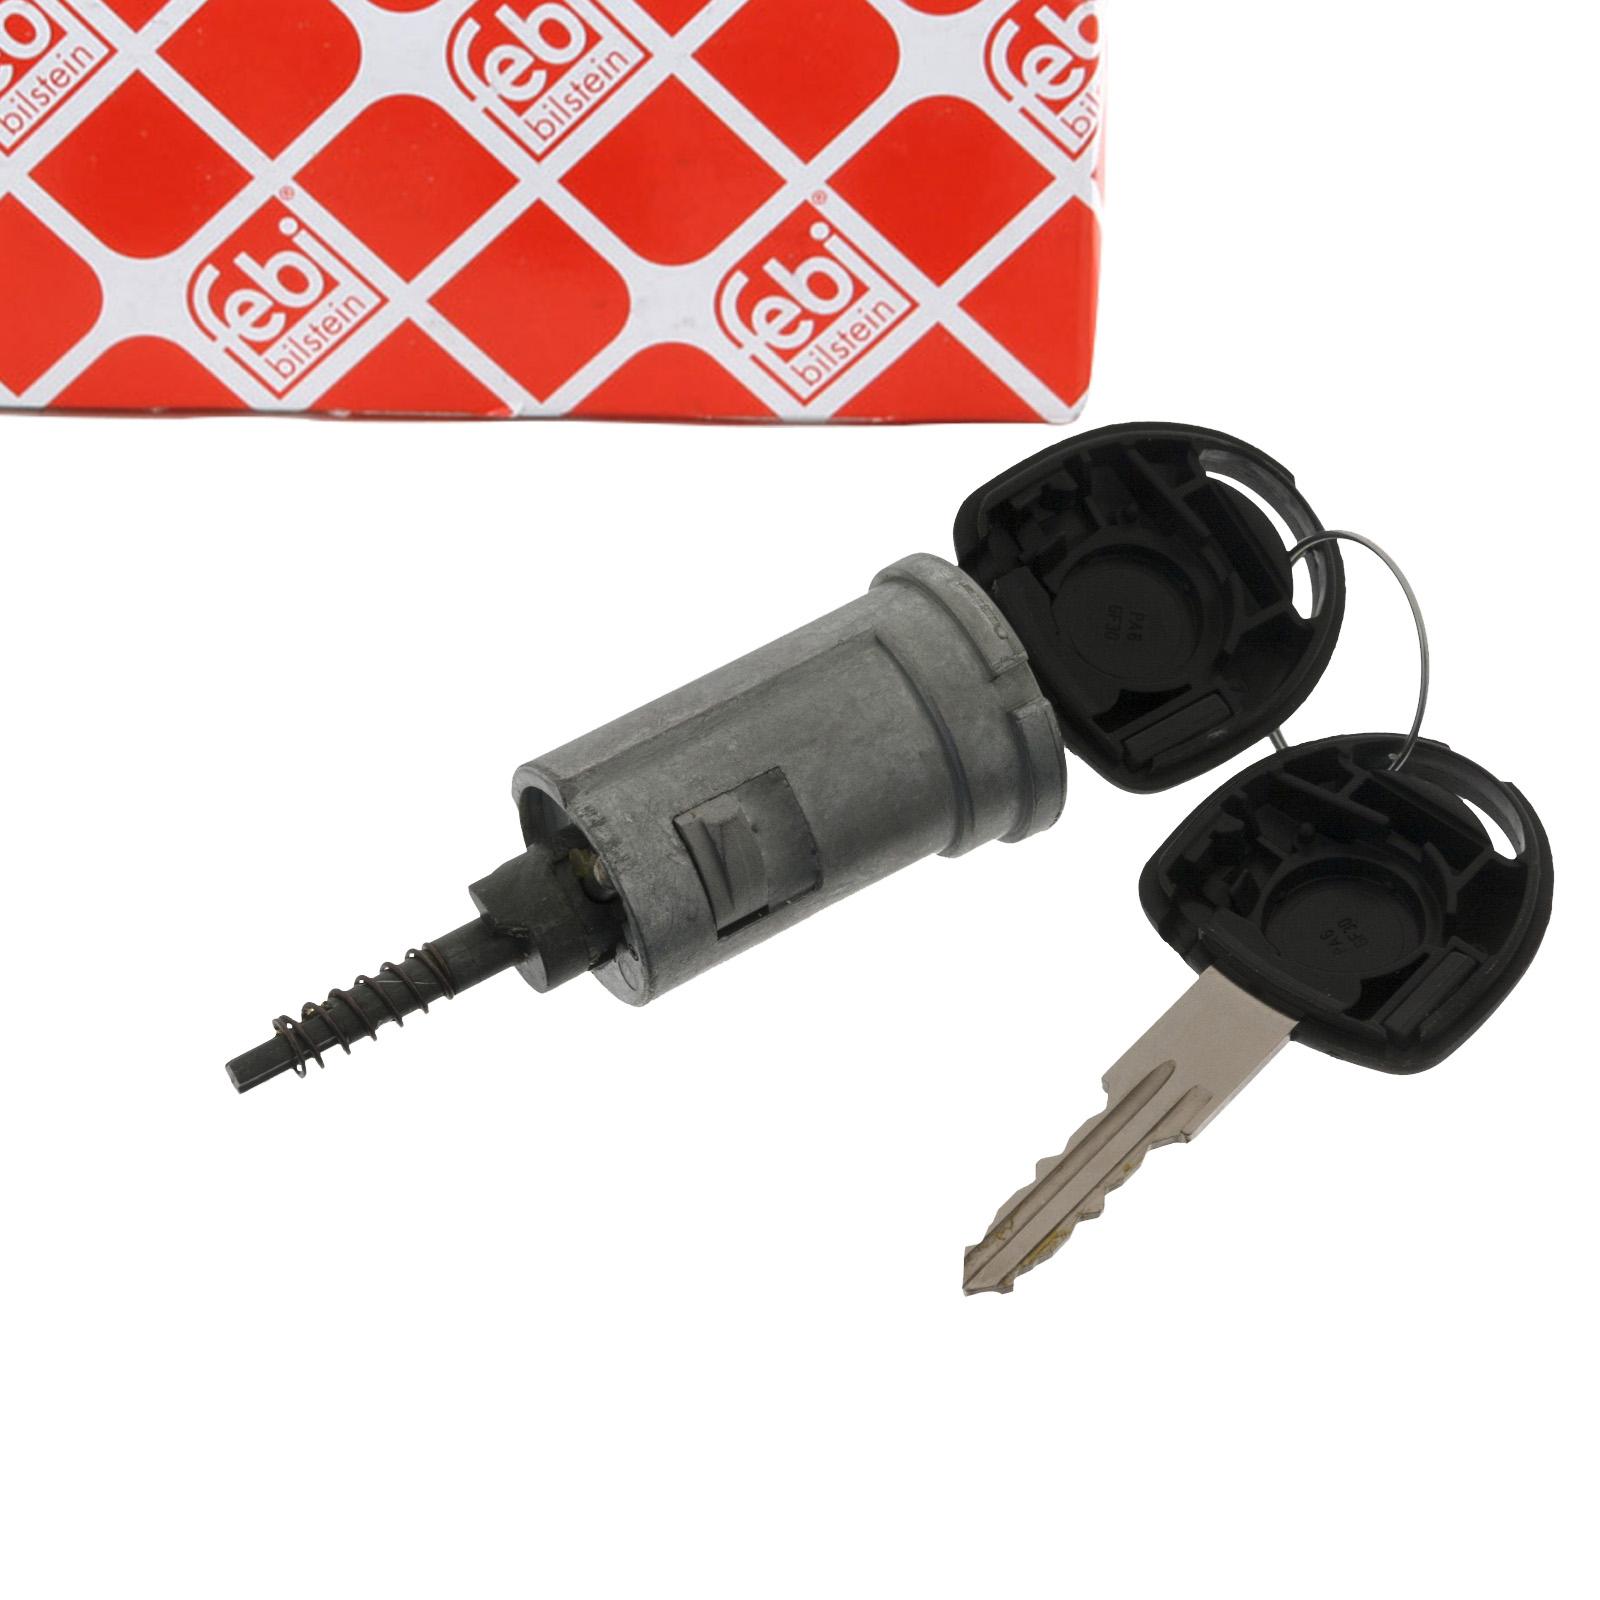 FEBI 47569 Zündschloss + 2 Schlüssel OPEL Astra F G Corsa B C Meriva A Tigra A Zafira A